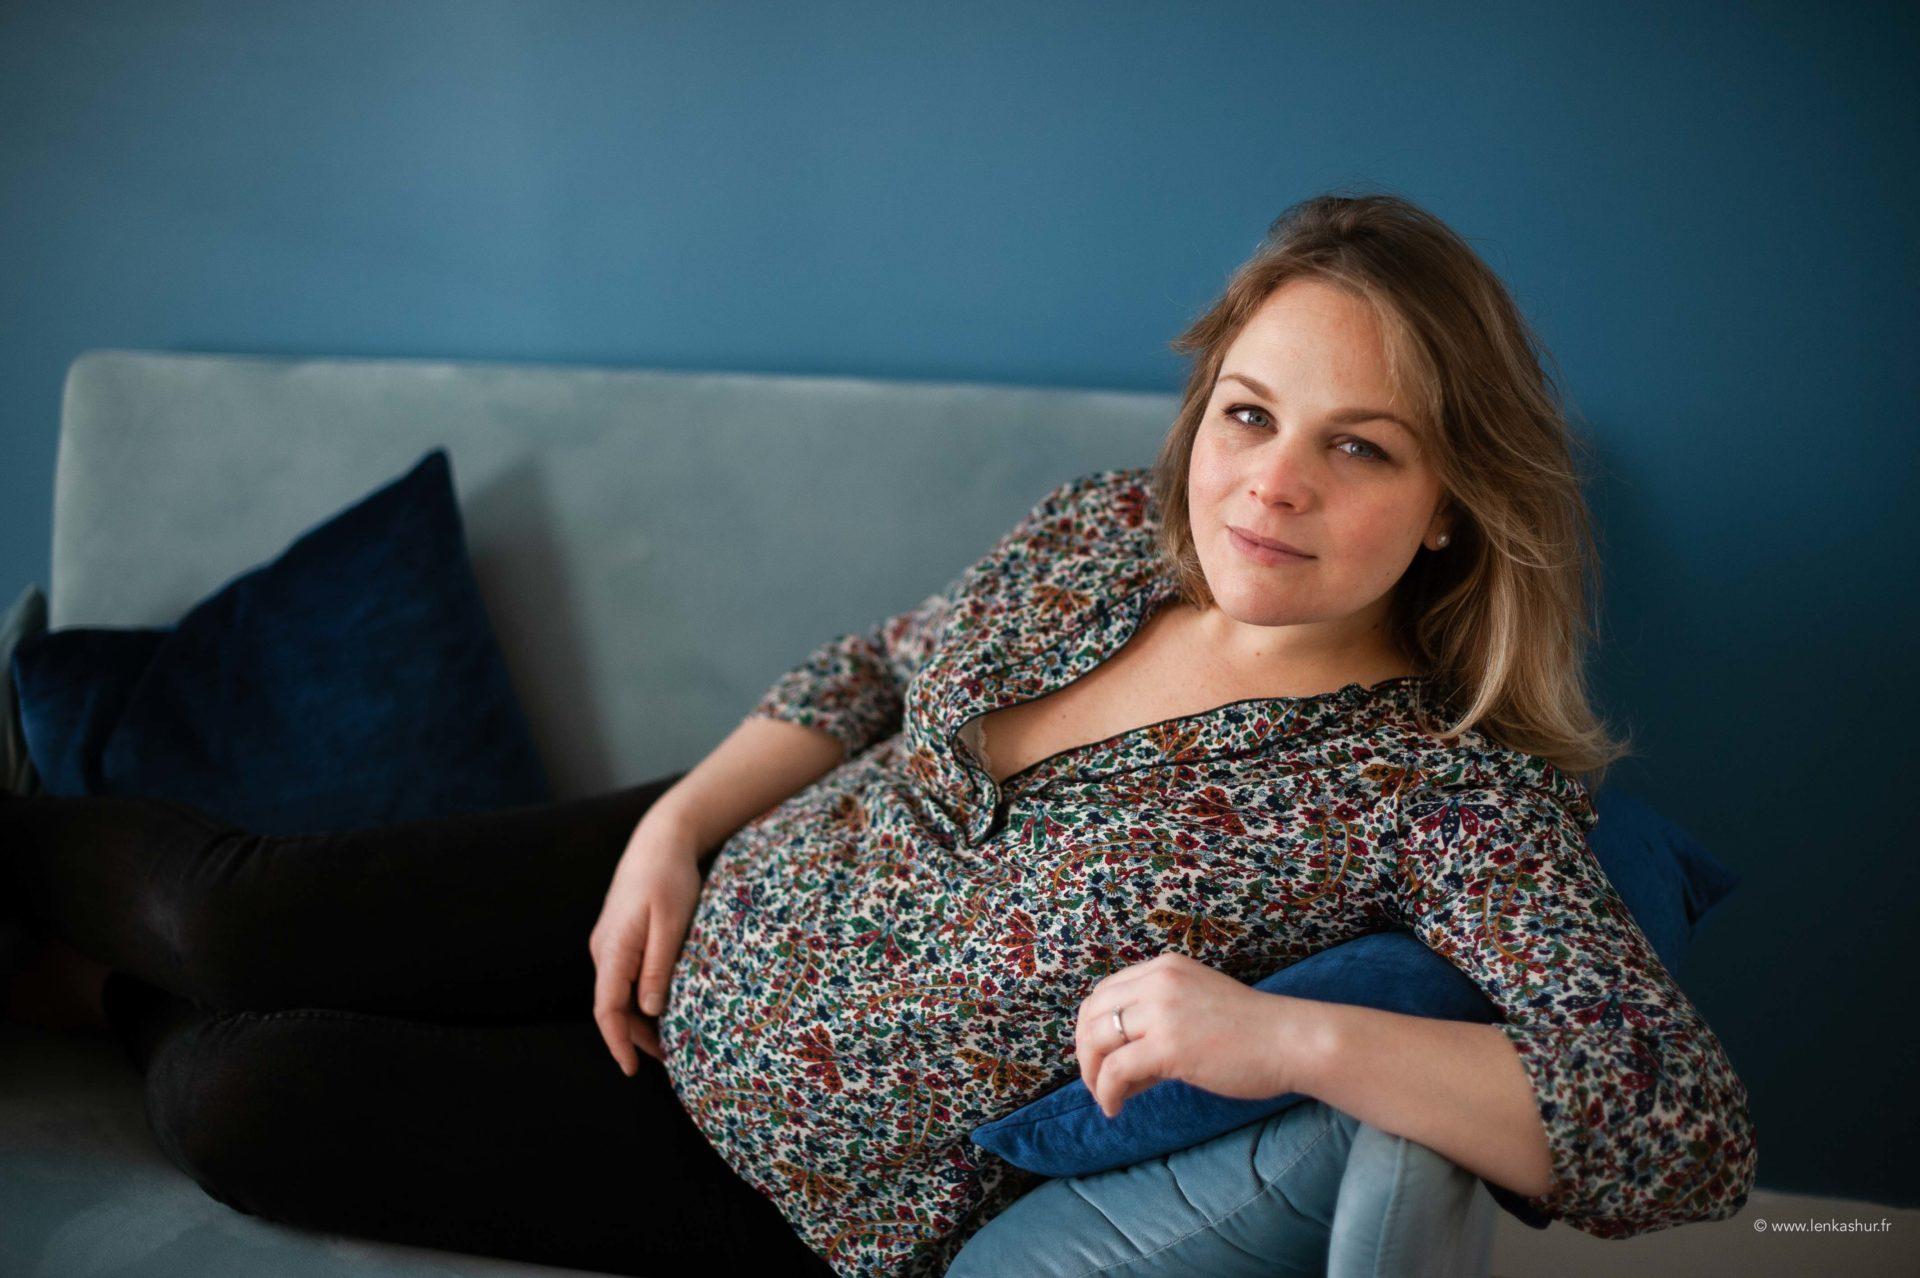 Portrait d'une femme enceinte